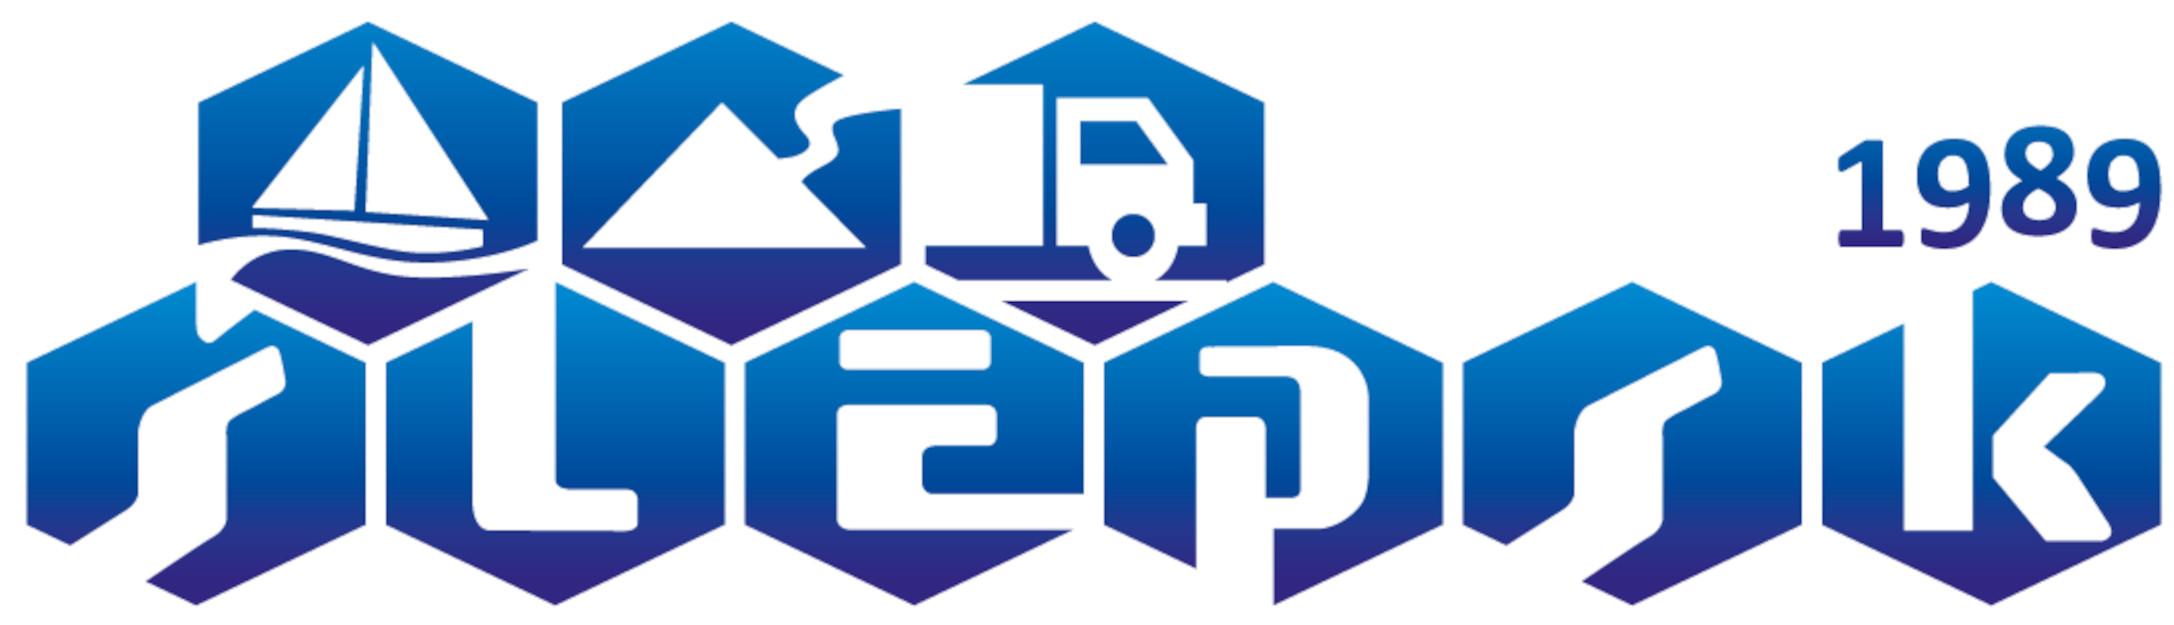 ŚLEPSK logo